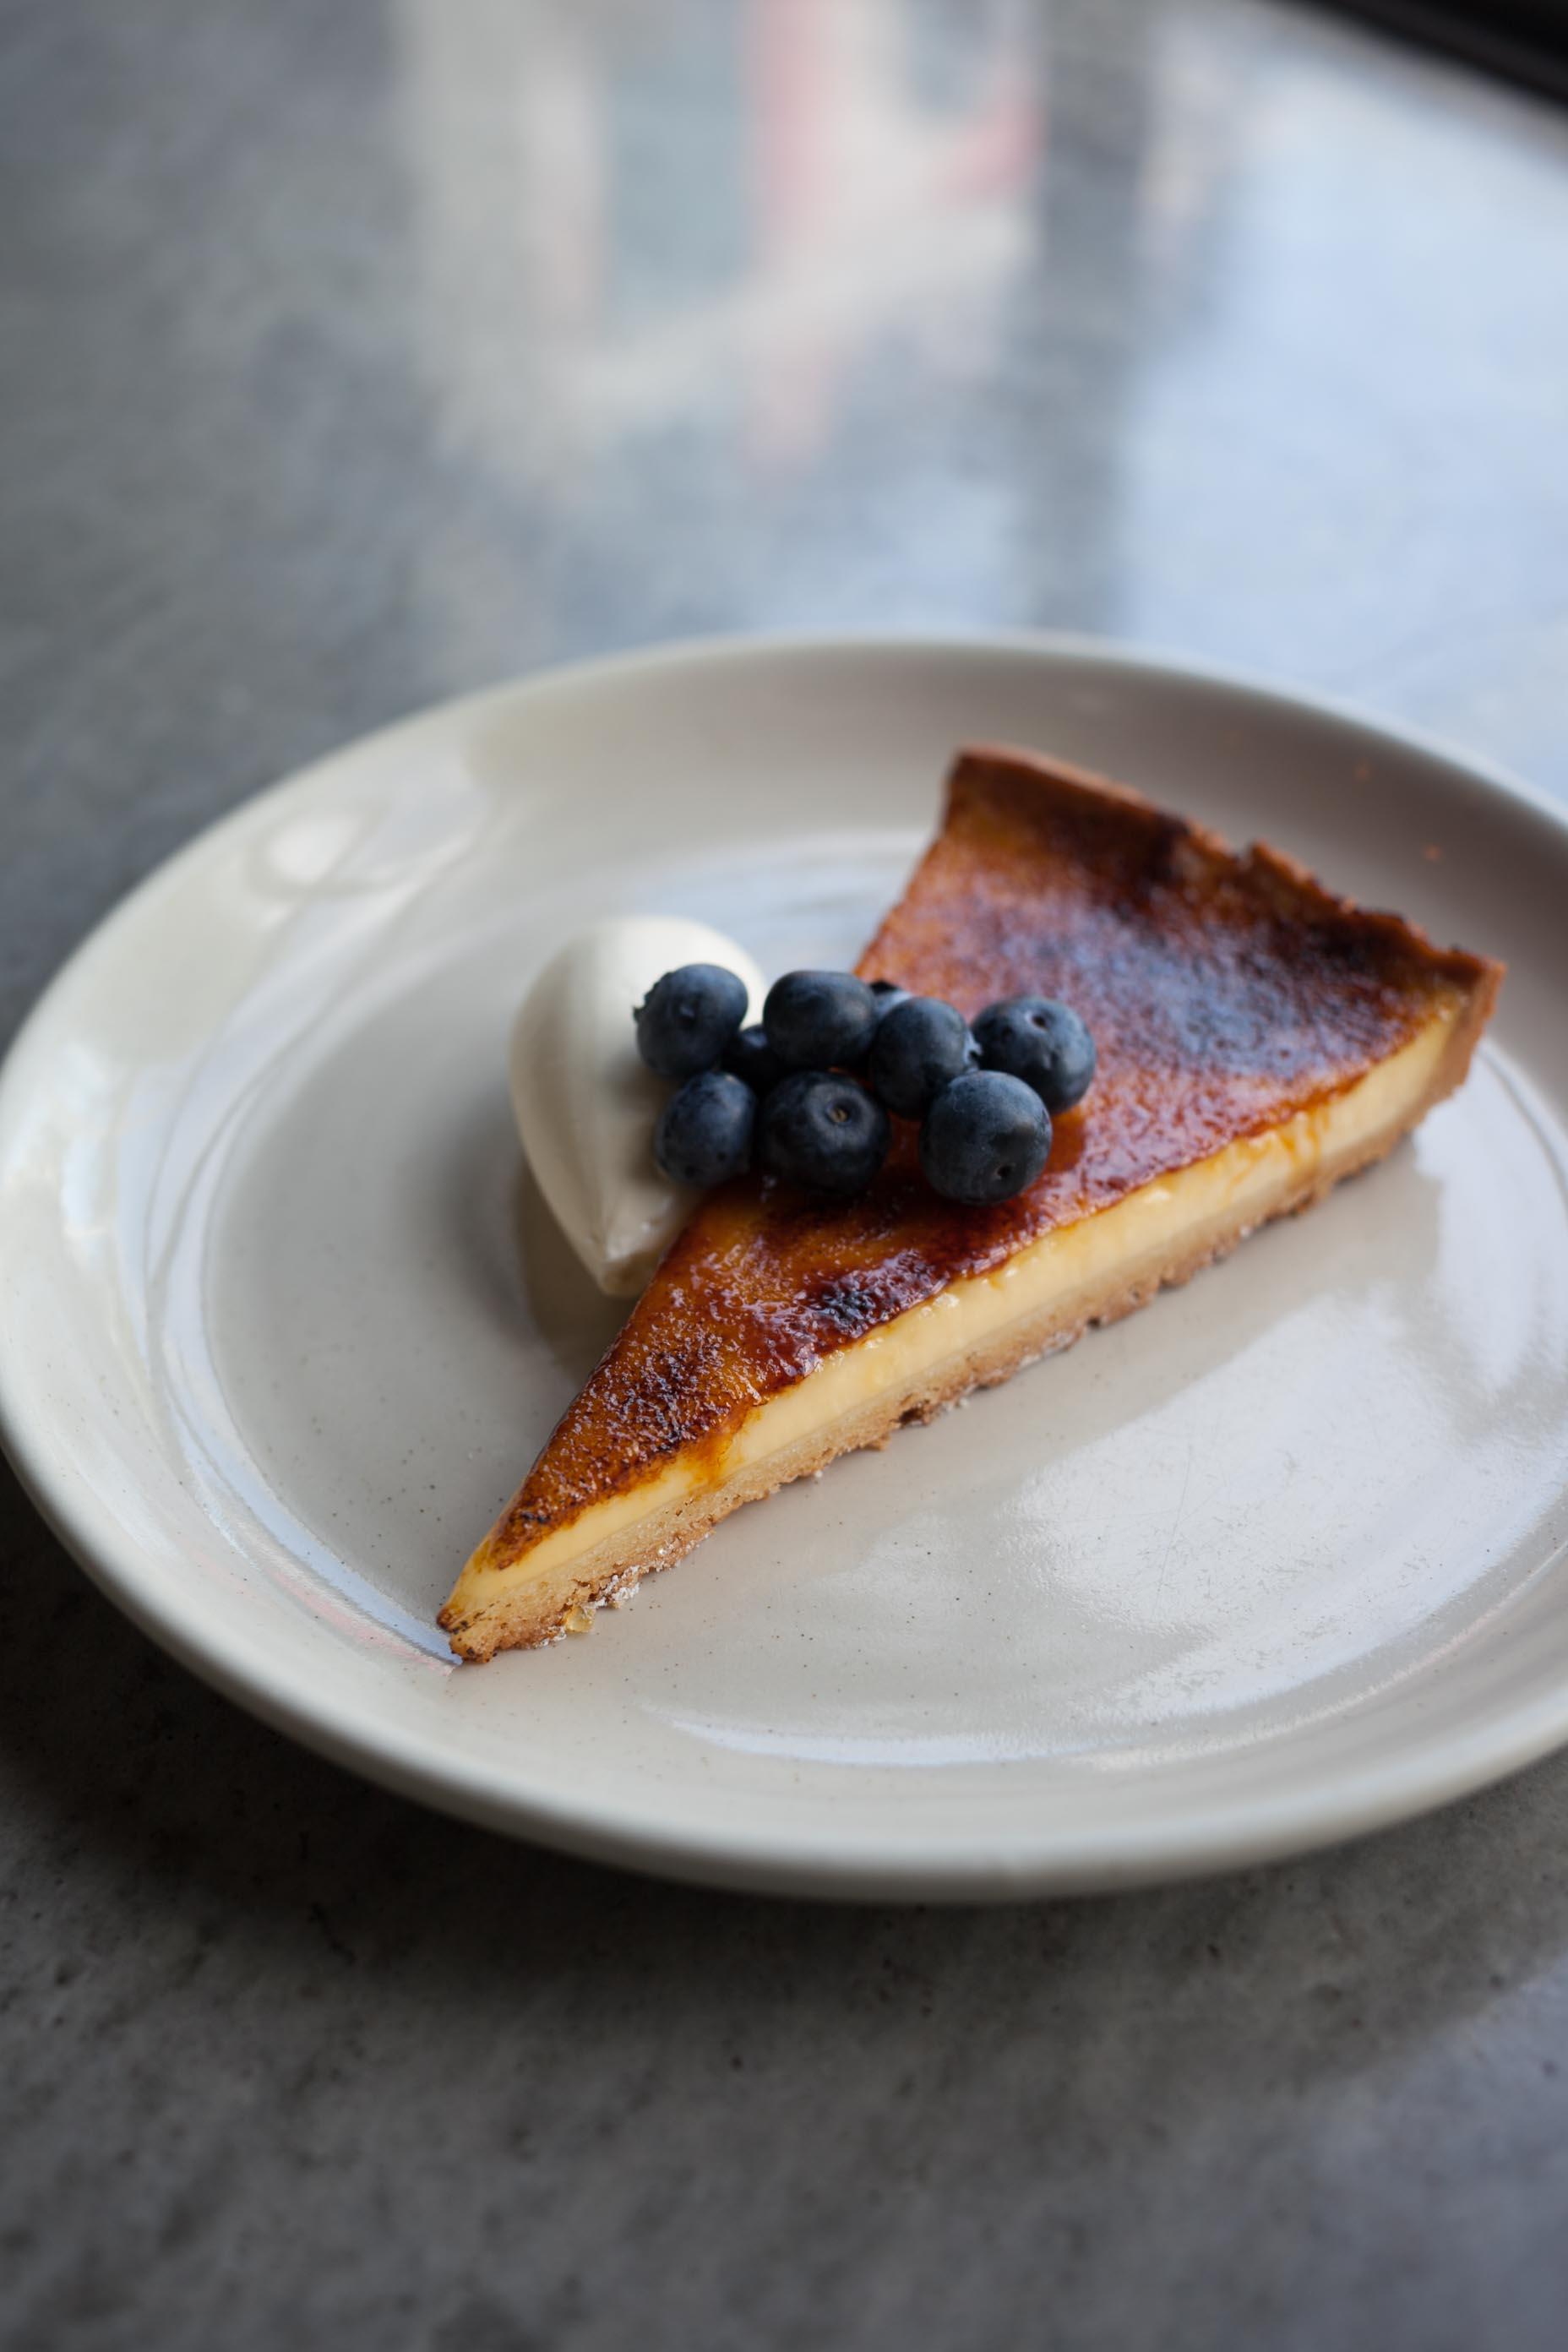 Glazed Lemon Tart with fresh blueberries